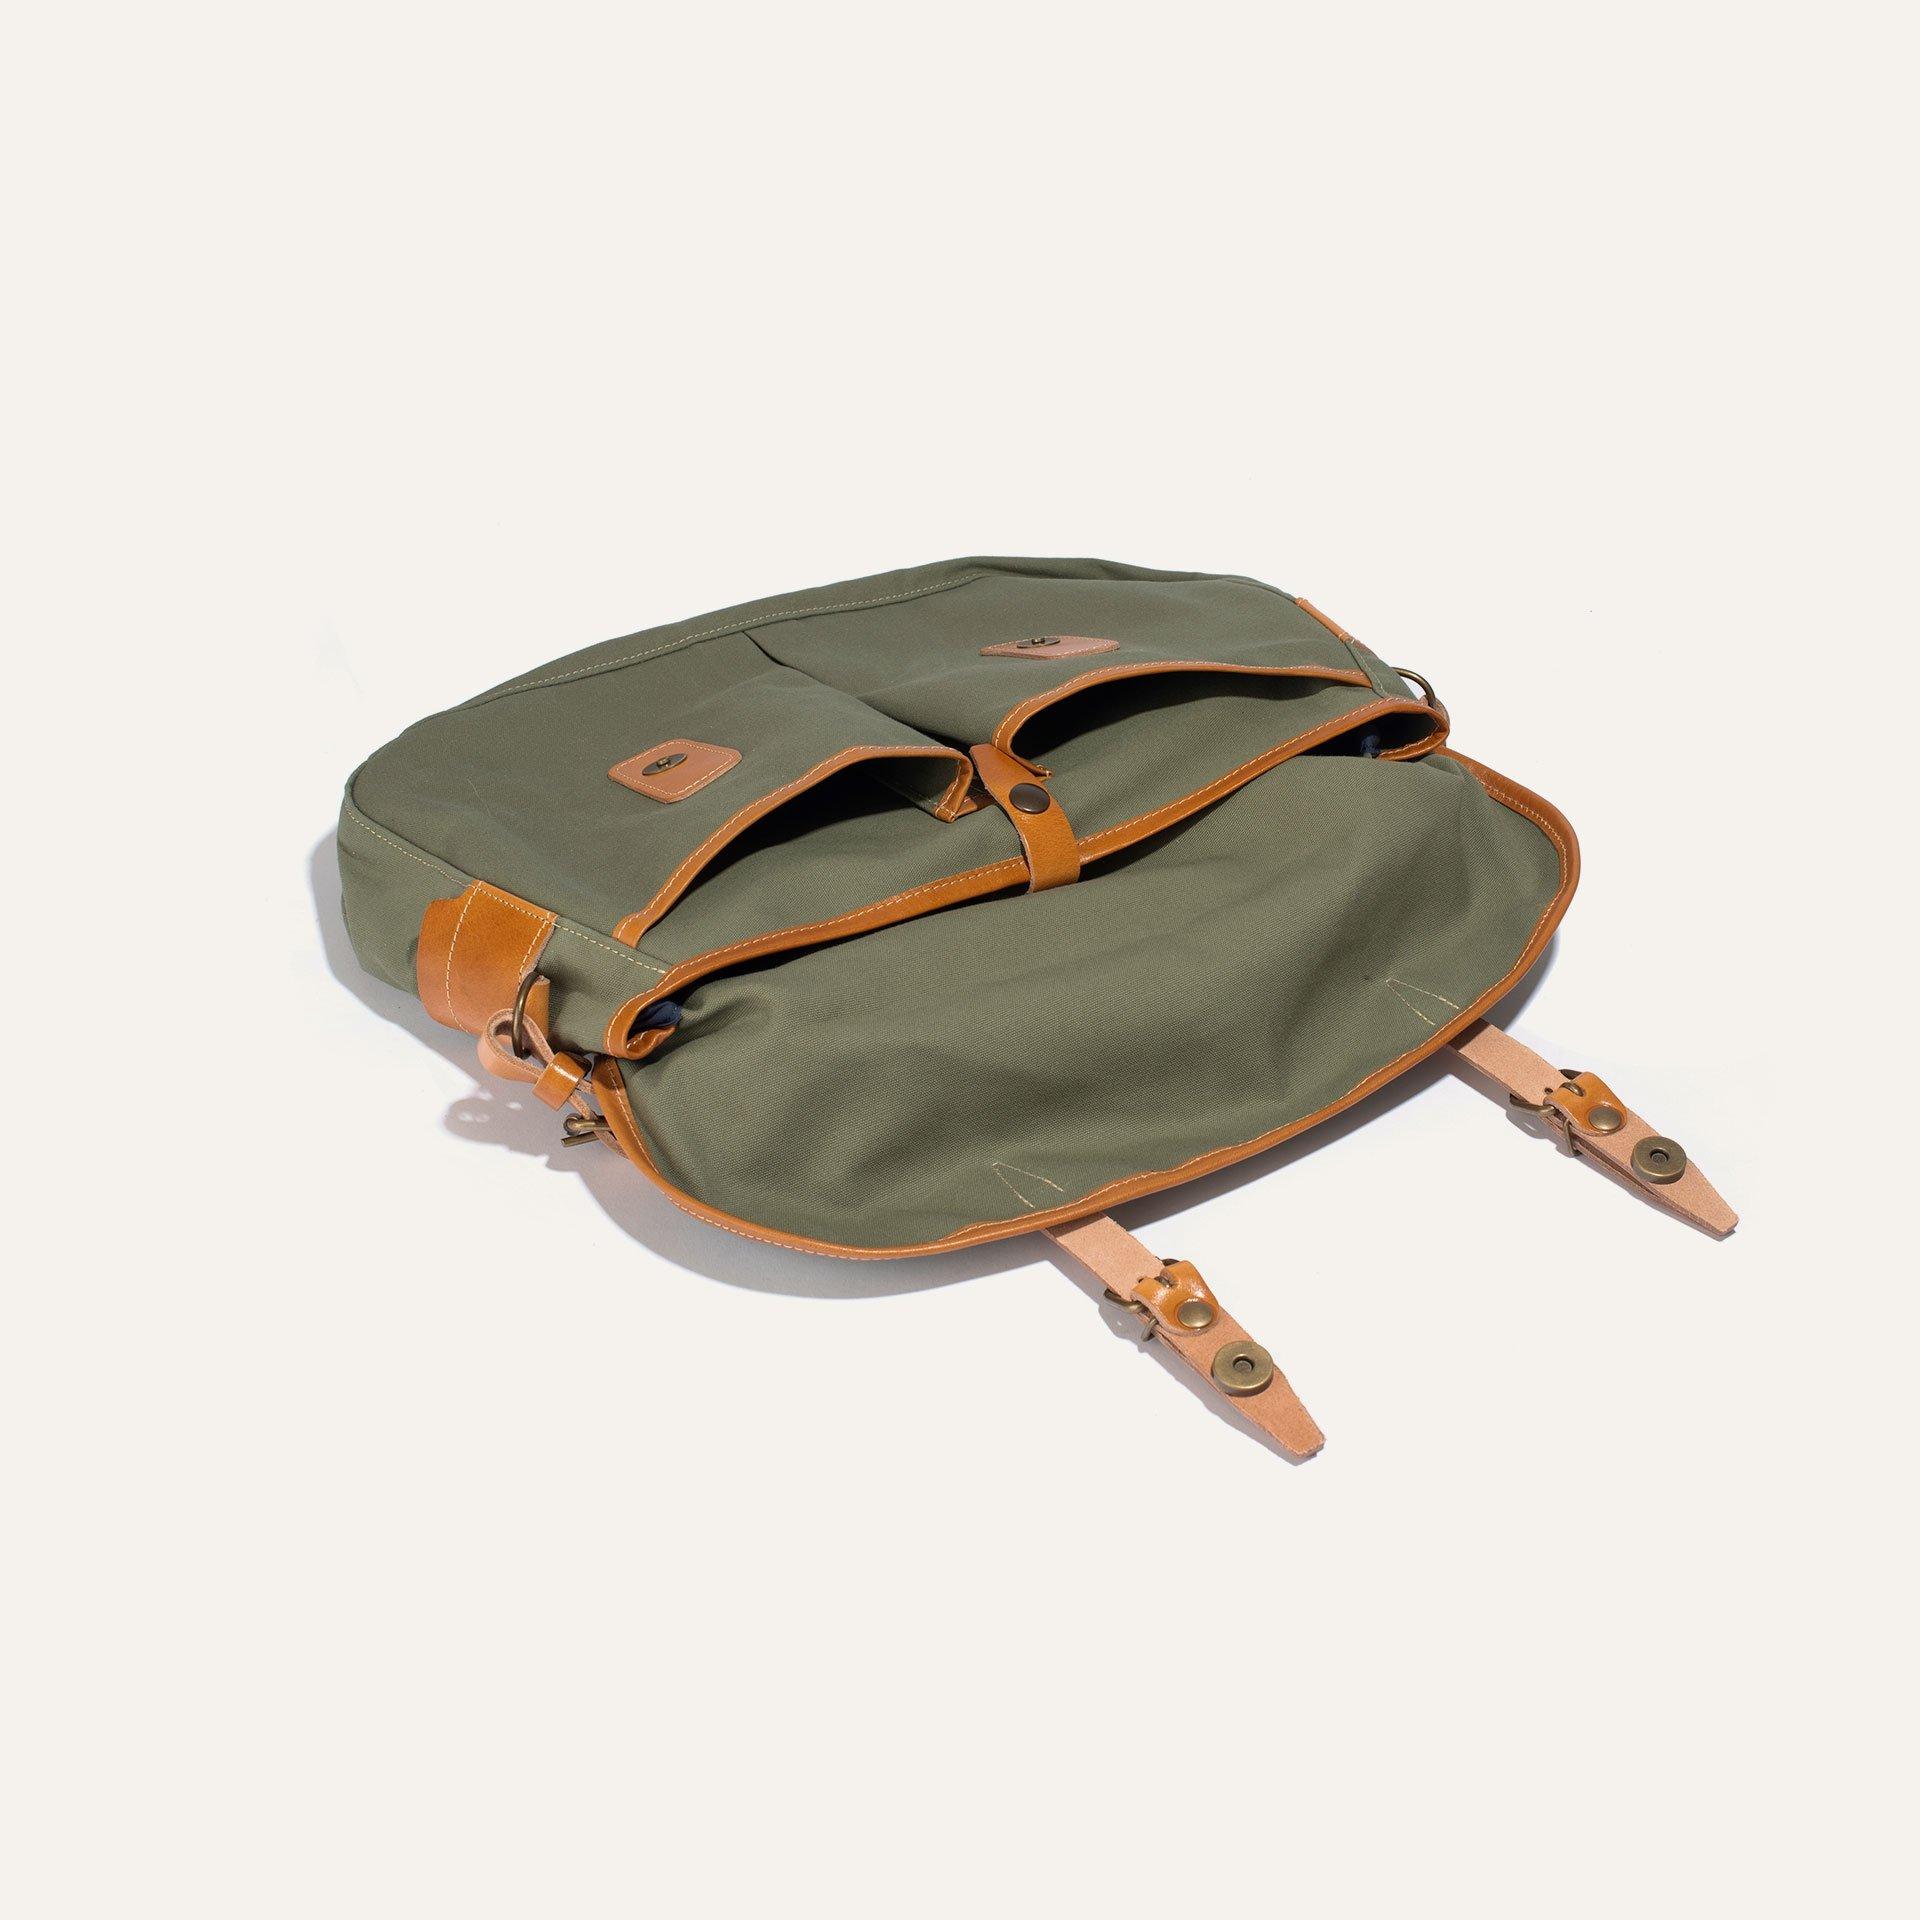 Musette du Pêcheur S - Vert Lichen (image n°4)